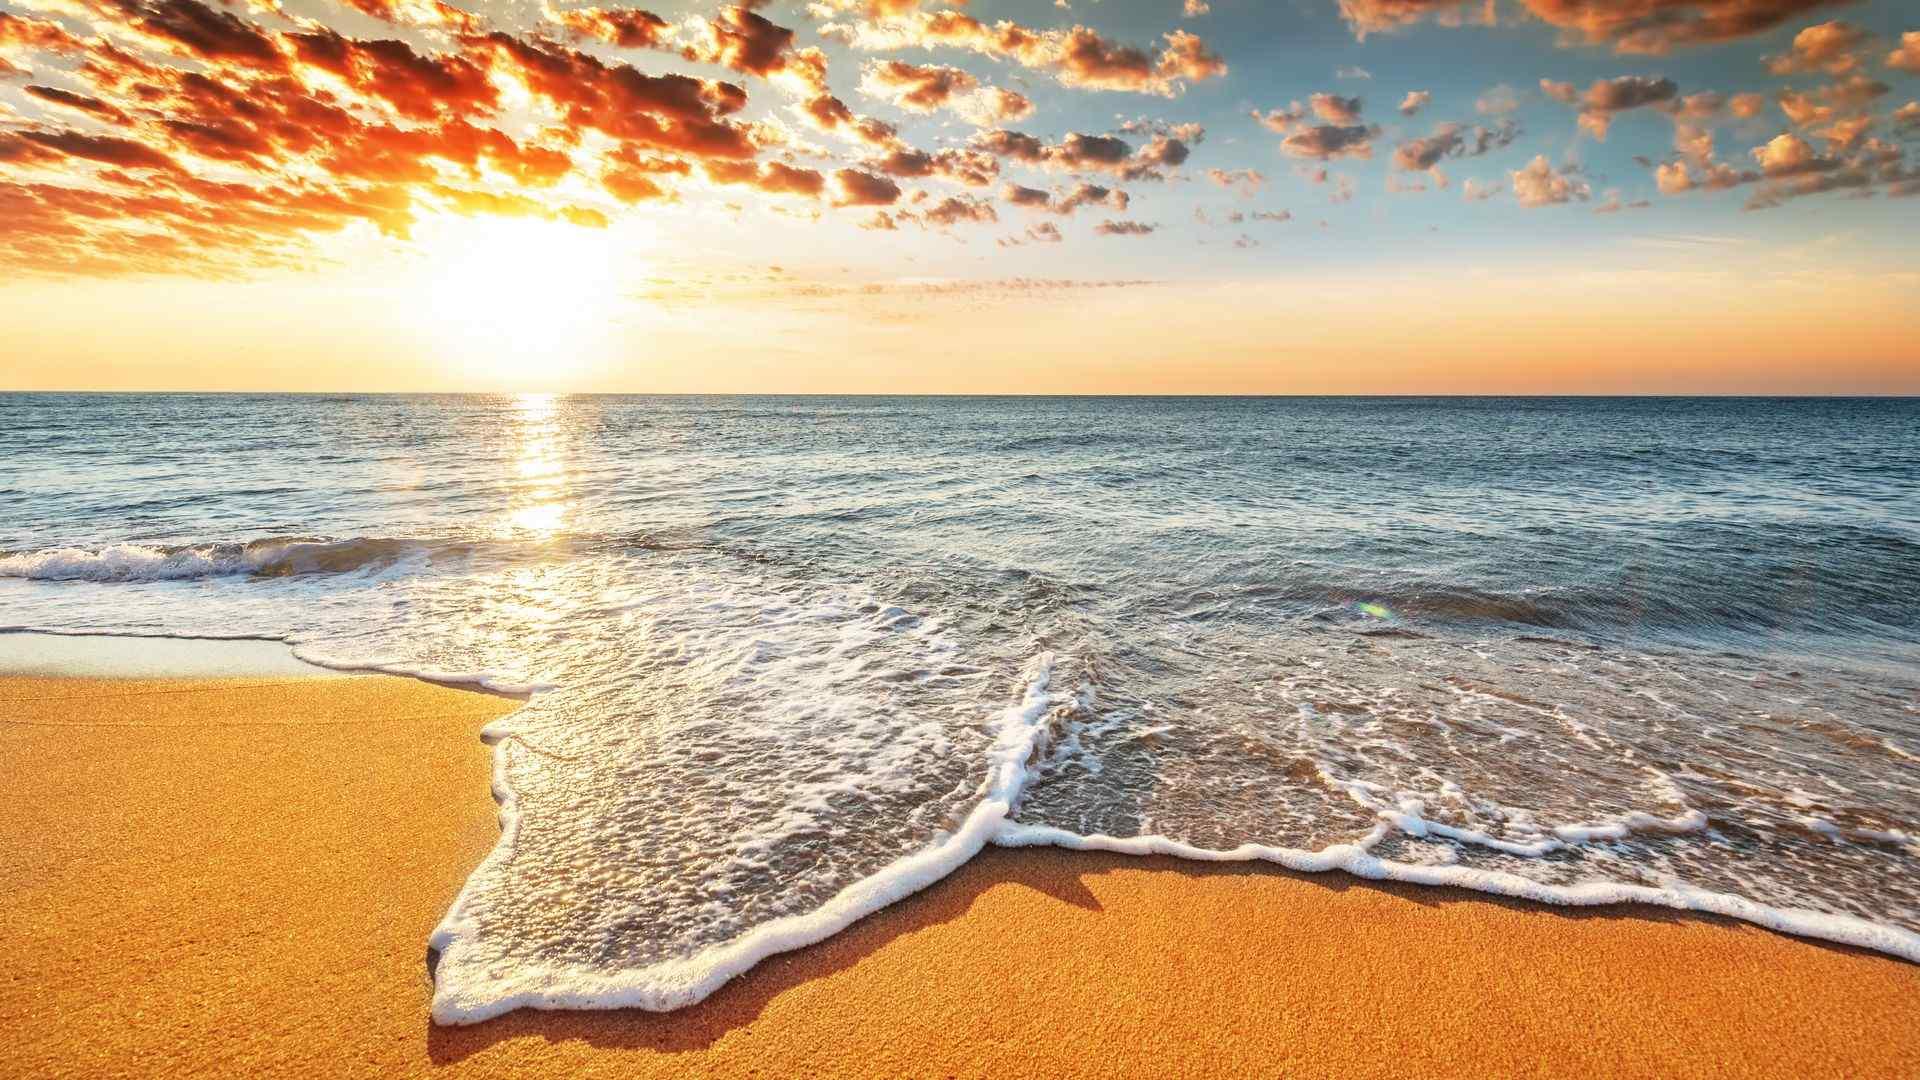 唯美的海边风景高清桌面壁纸图片